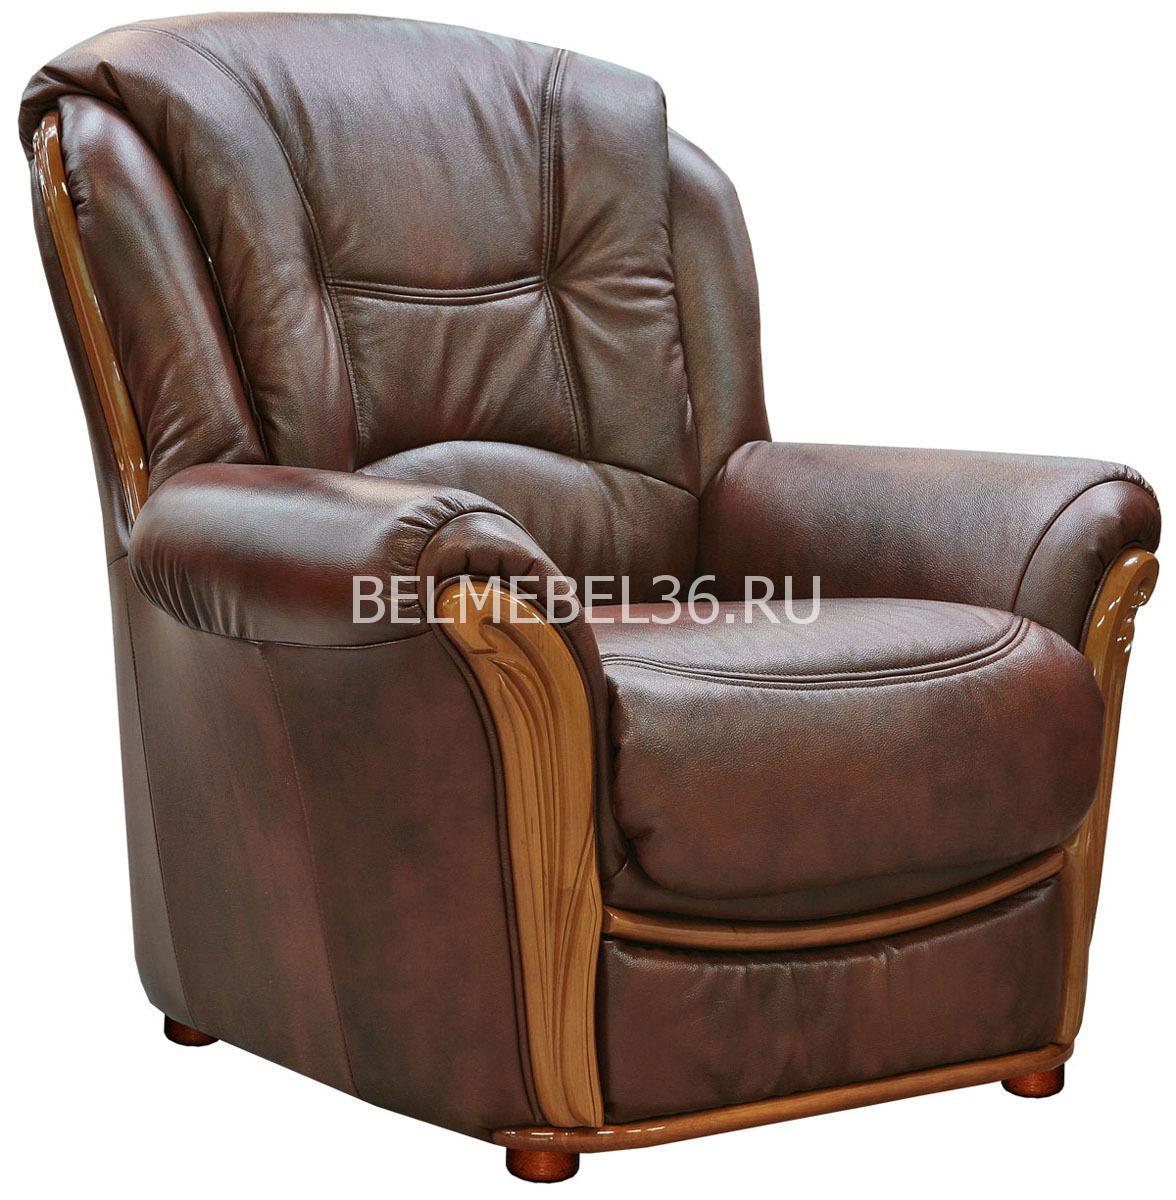 Кресло Леонардо 2 (12) П-Д069 | Белорусская мебель в Воронеже